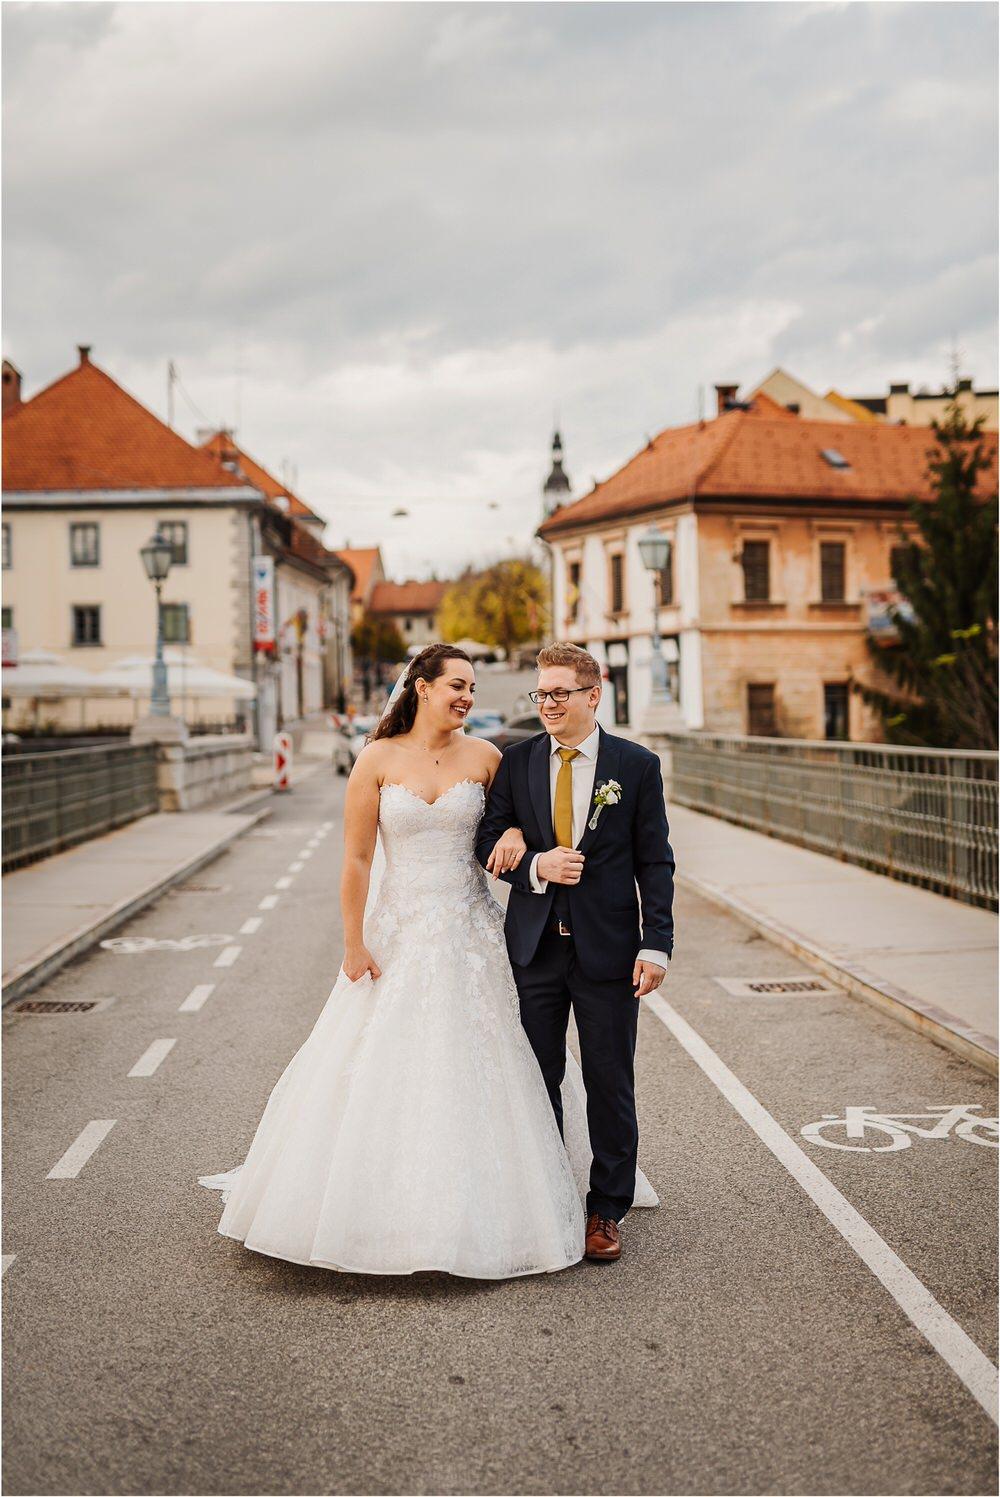 tri lučke poroka poročni fotograf fotografiranje intimna poroka zaroka krško posavje dolenjska novo mesto nika grega rustikalna romantična vintage wedding slovenia photography 0052.jpg